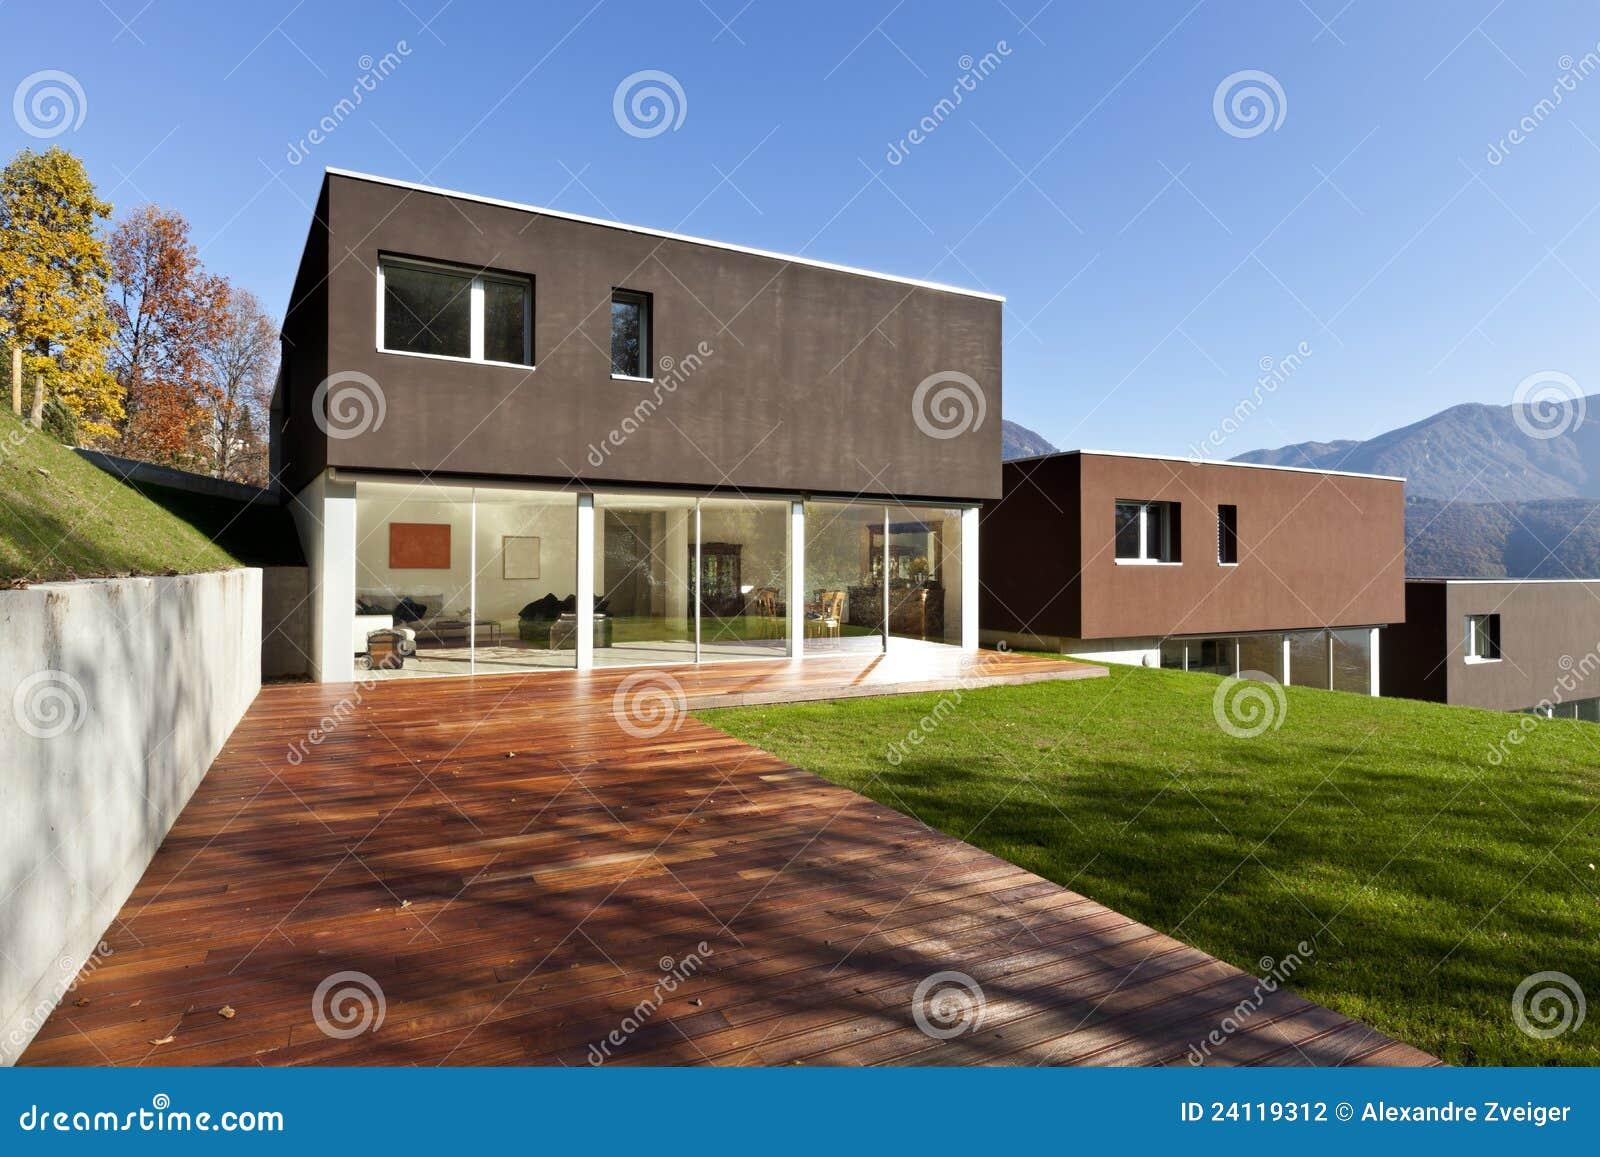 Case moderne con il giardino fotografia stock immagine for Case arredate moderne foto